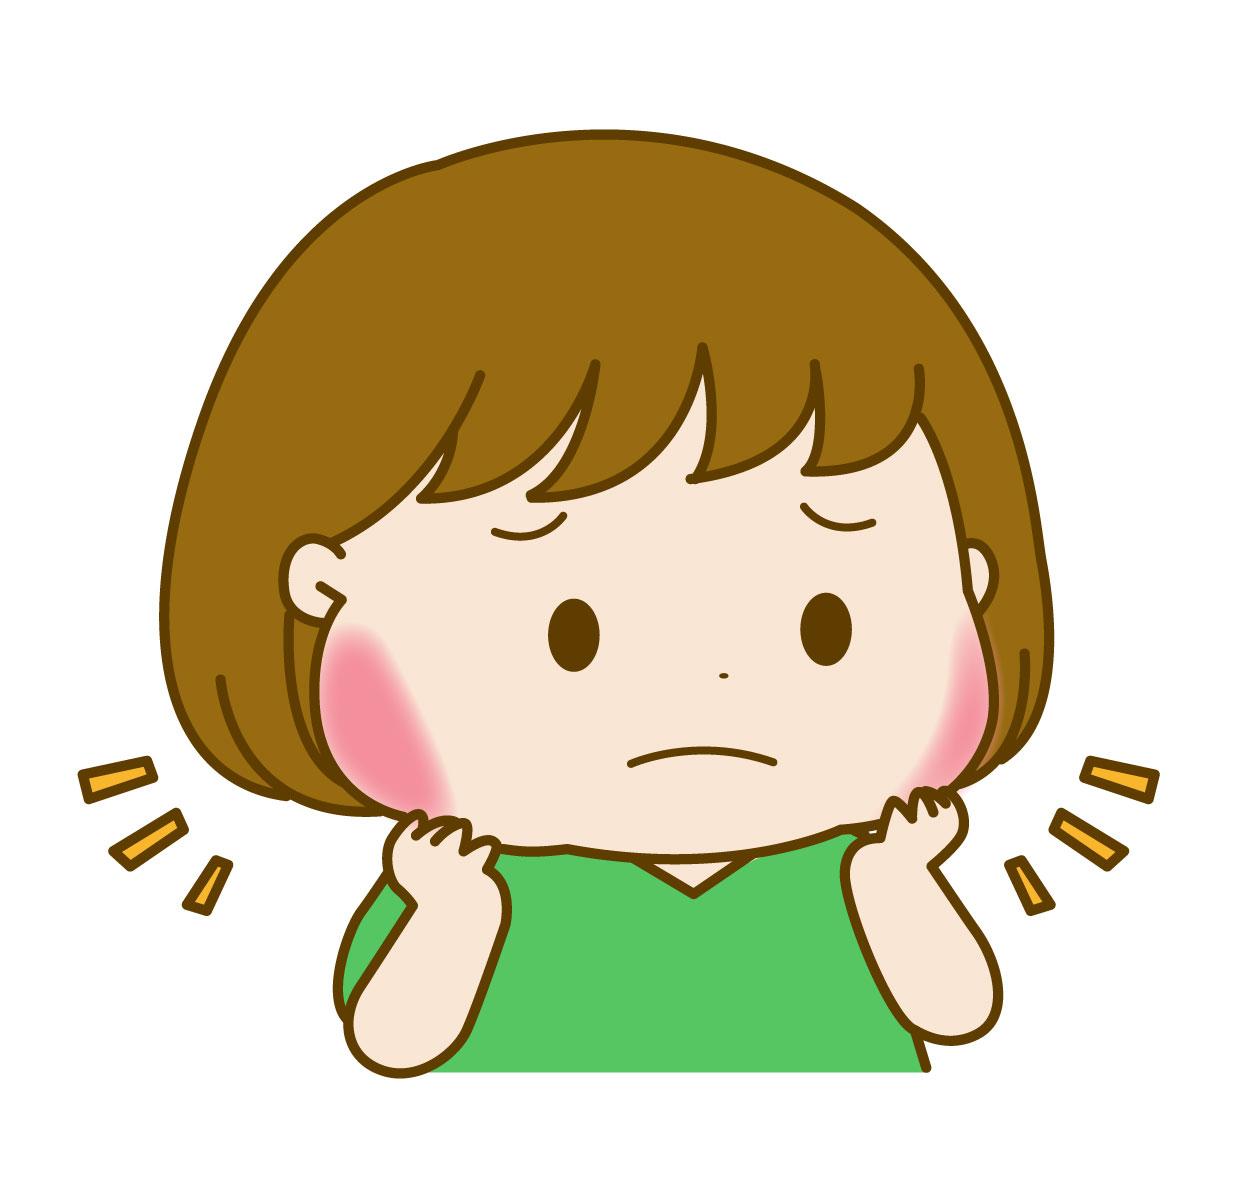 だけ 喉 痛い 片側